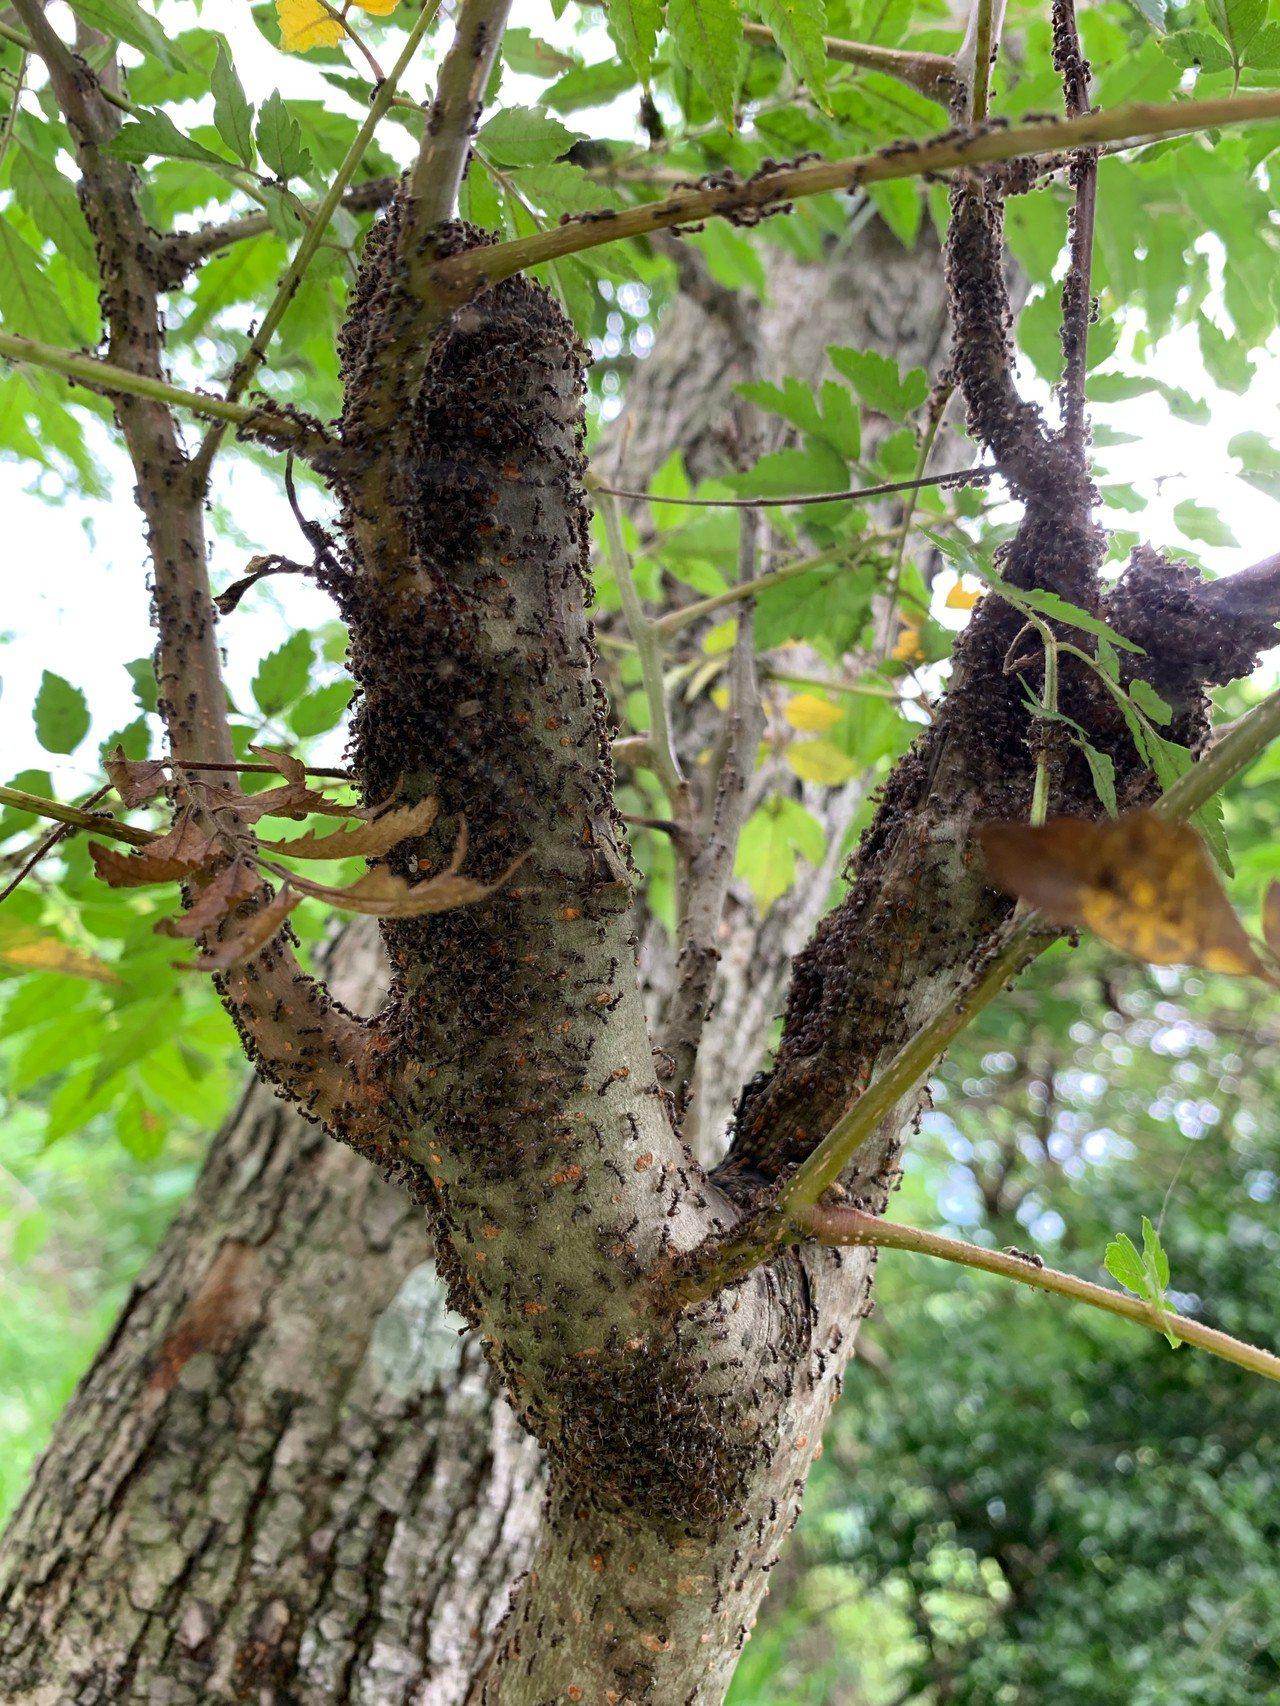 疣胸琉璃蟻近期大量出沒。圖/台大博士生許峰銓提供